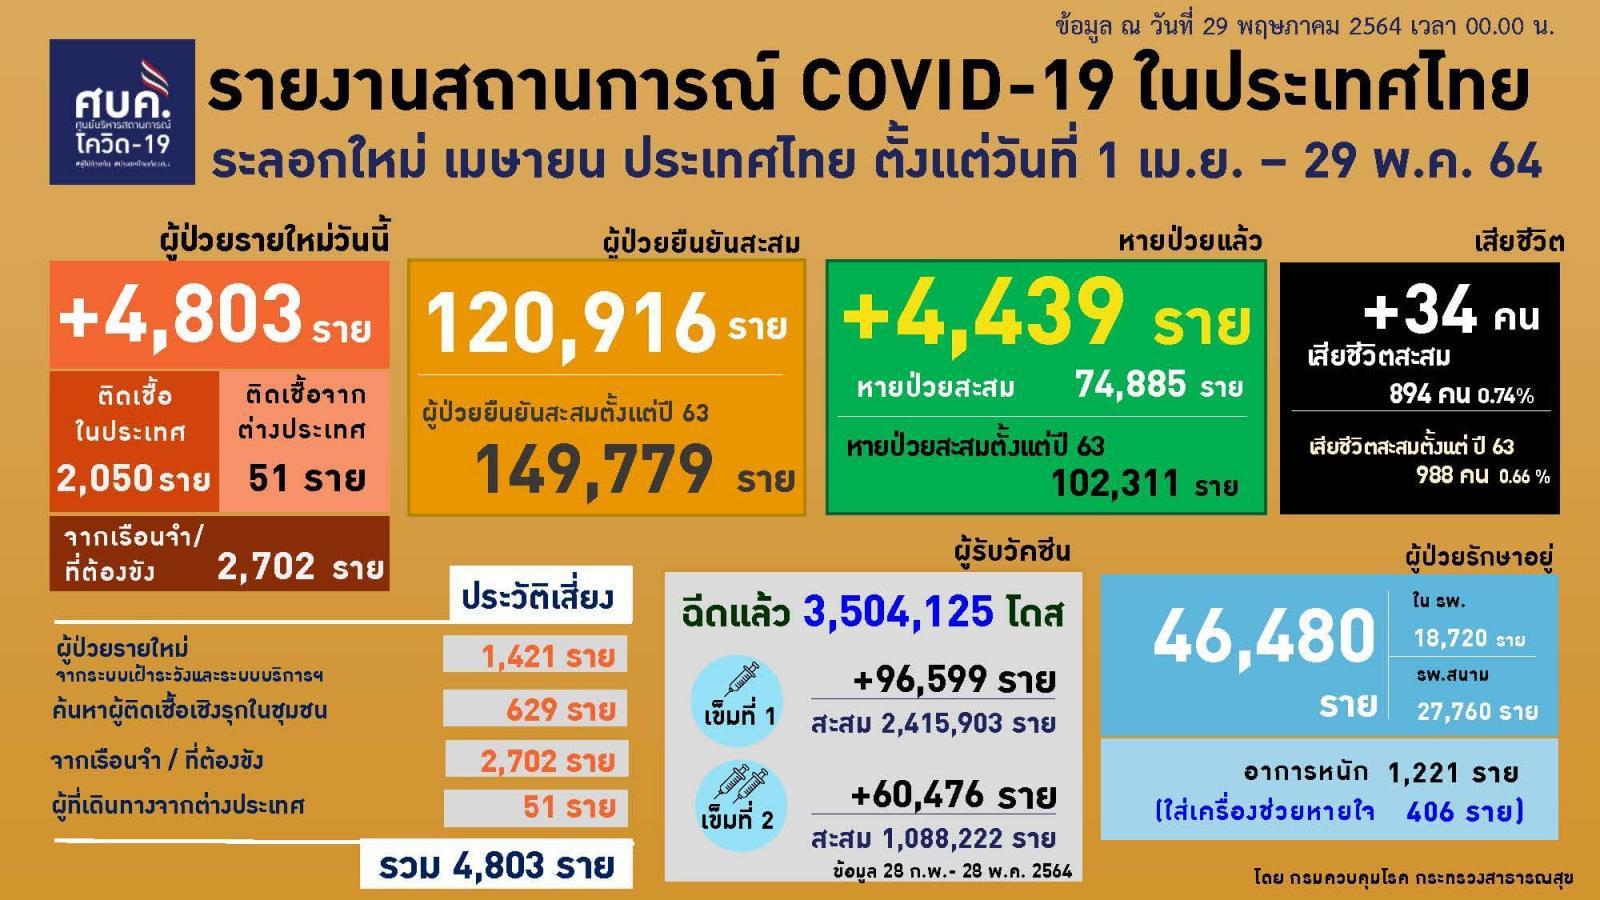 โควิดตายเพิ่ม 34 ราย กทม.สูงสุด 21 ราย ติดเชื้อรายใหม่ เกือบ 5,000 ราย